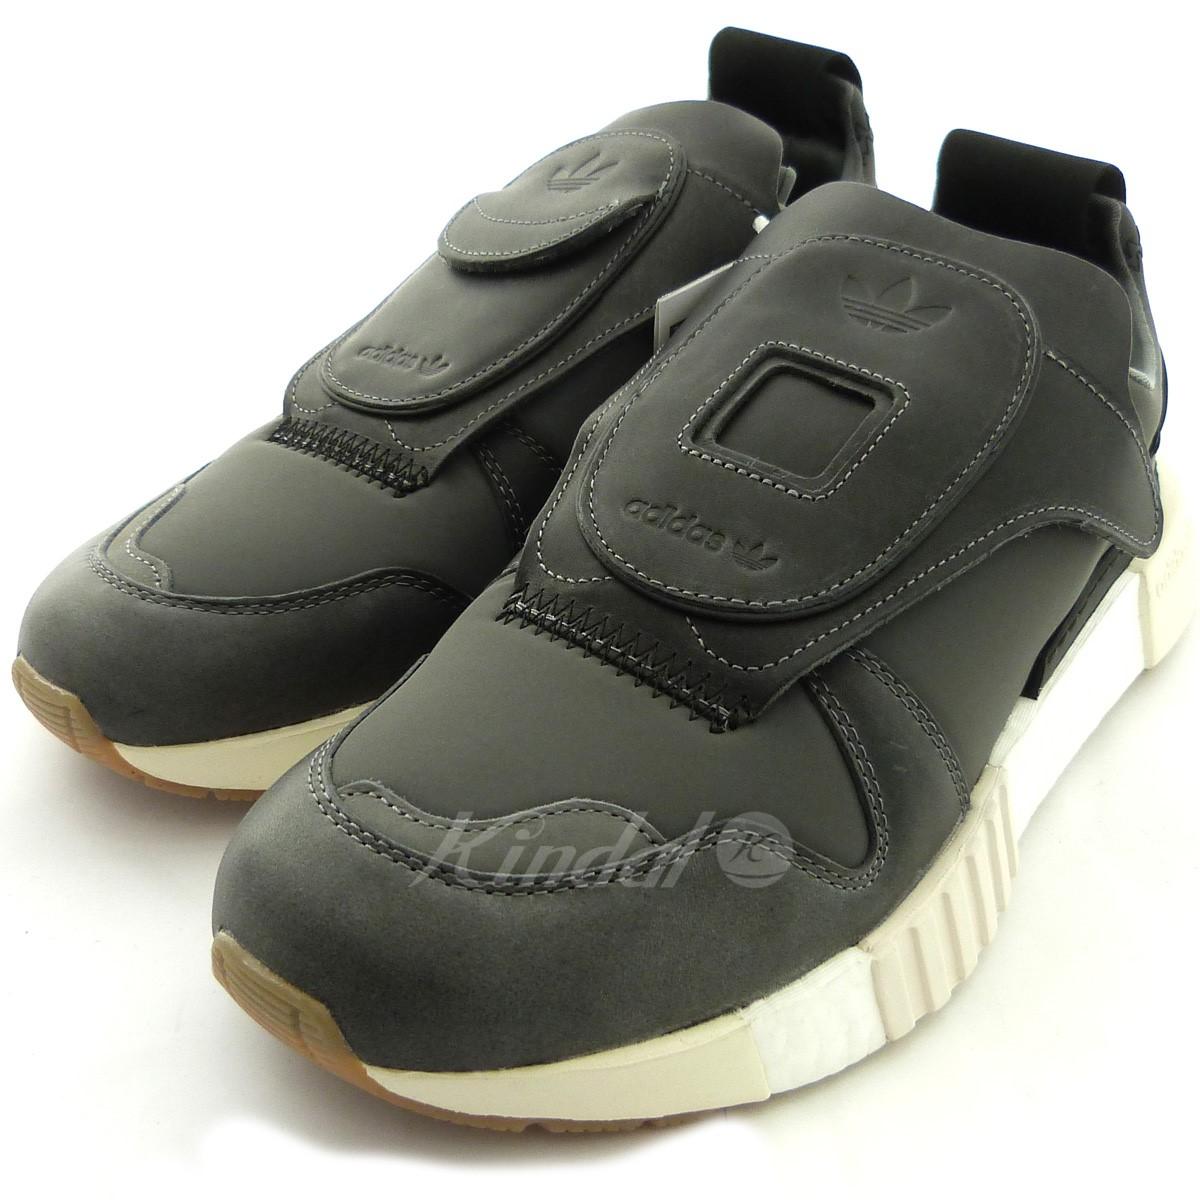 【中古】adidas originals 「FUTUREPACER」スニーカー チャコールグレー サイズ:28cm 【送料無料】 【010219】(アディダスオリジナルス)